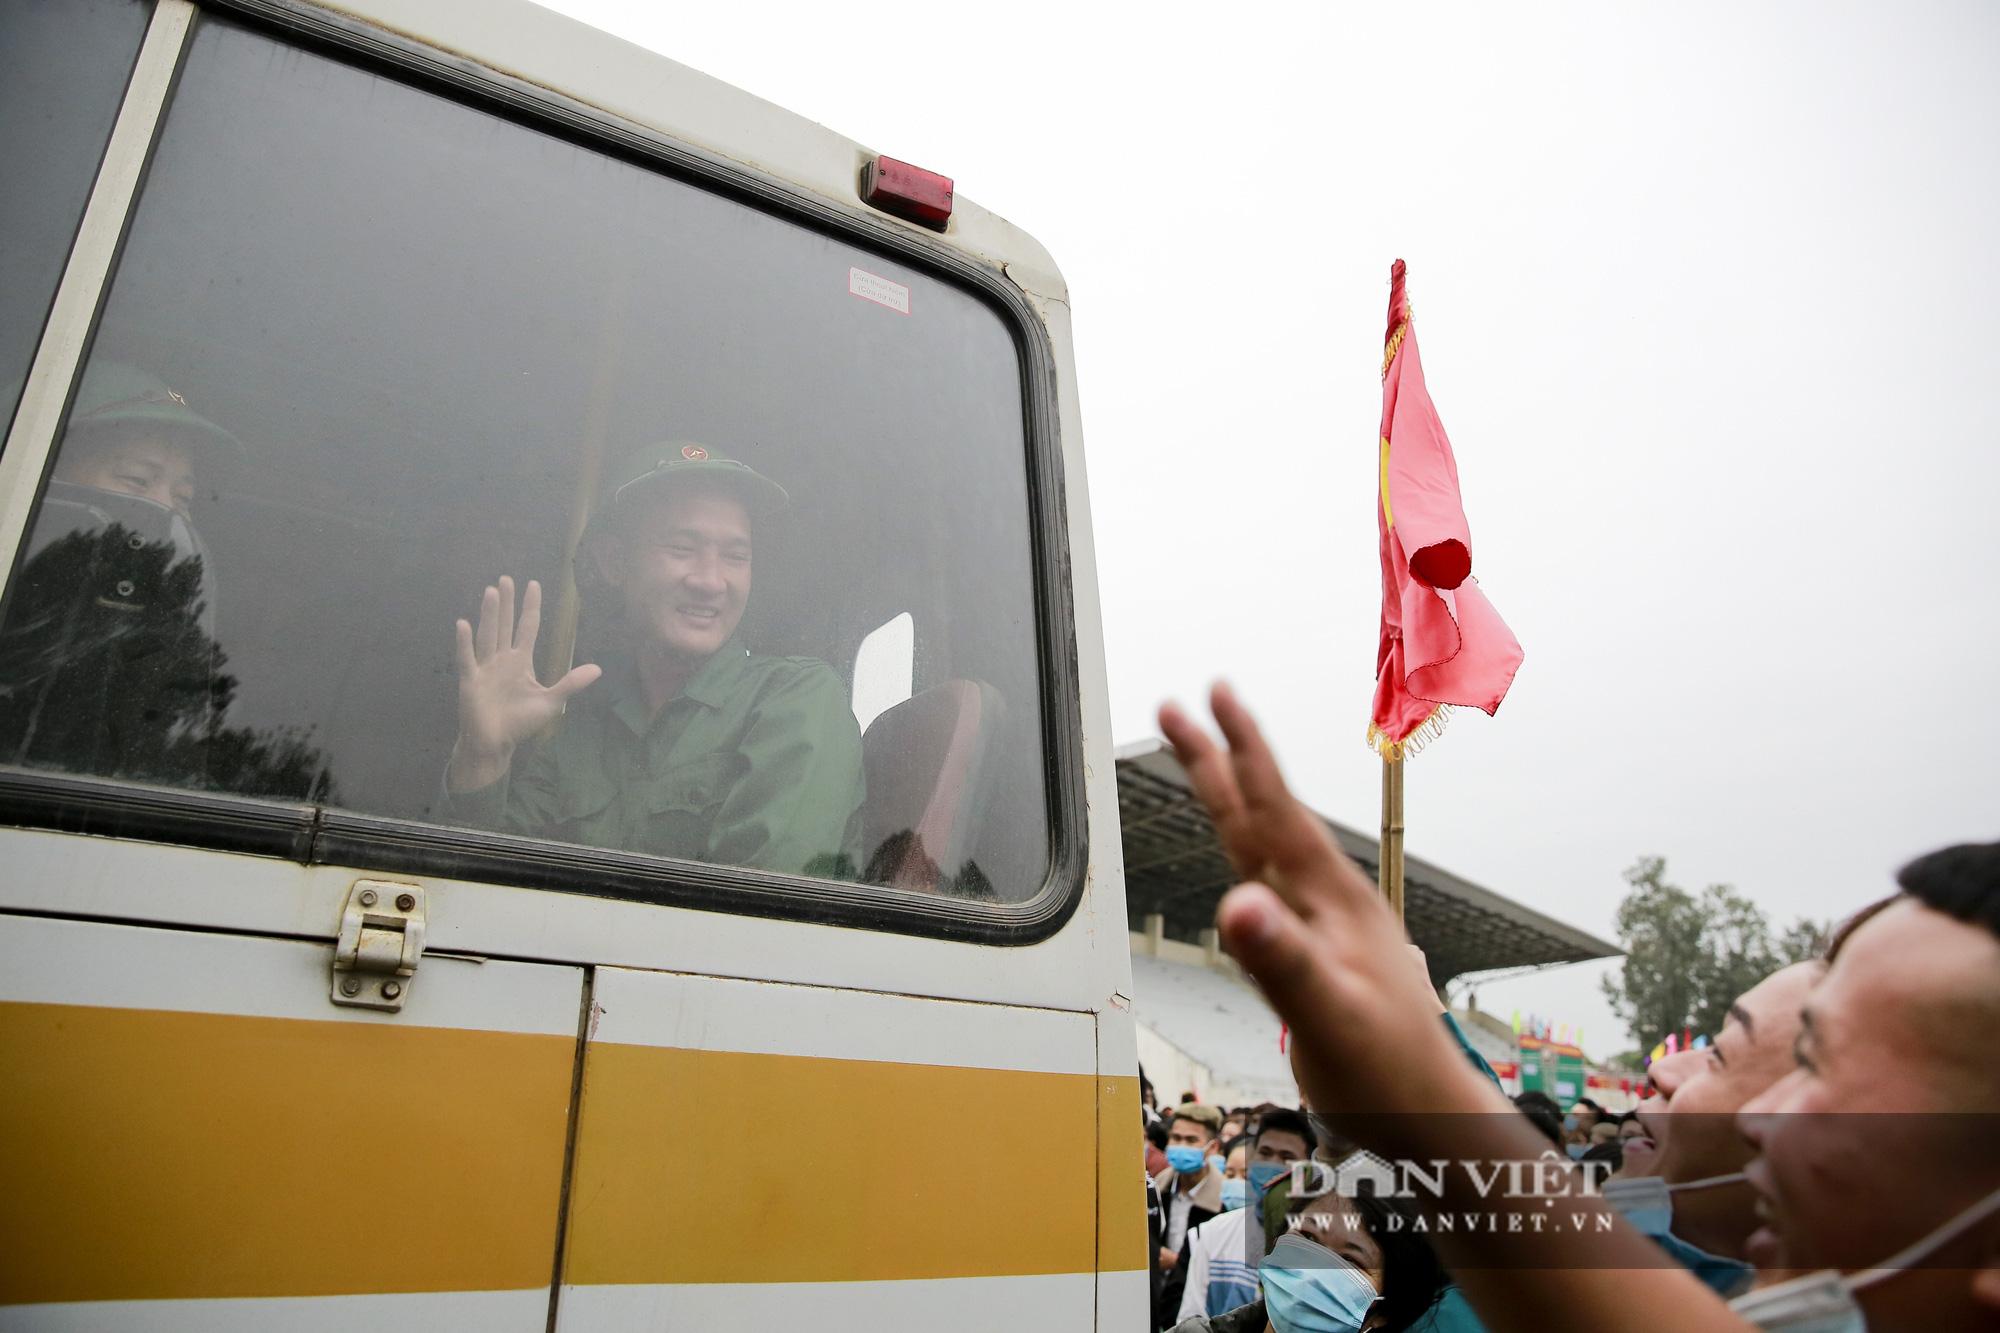 Khoảnh khắc xúc động ngày thanh niên Hà Nội lên đường thực hiện nghĩa vụ quân sự - Ảnh 13.